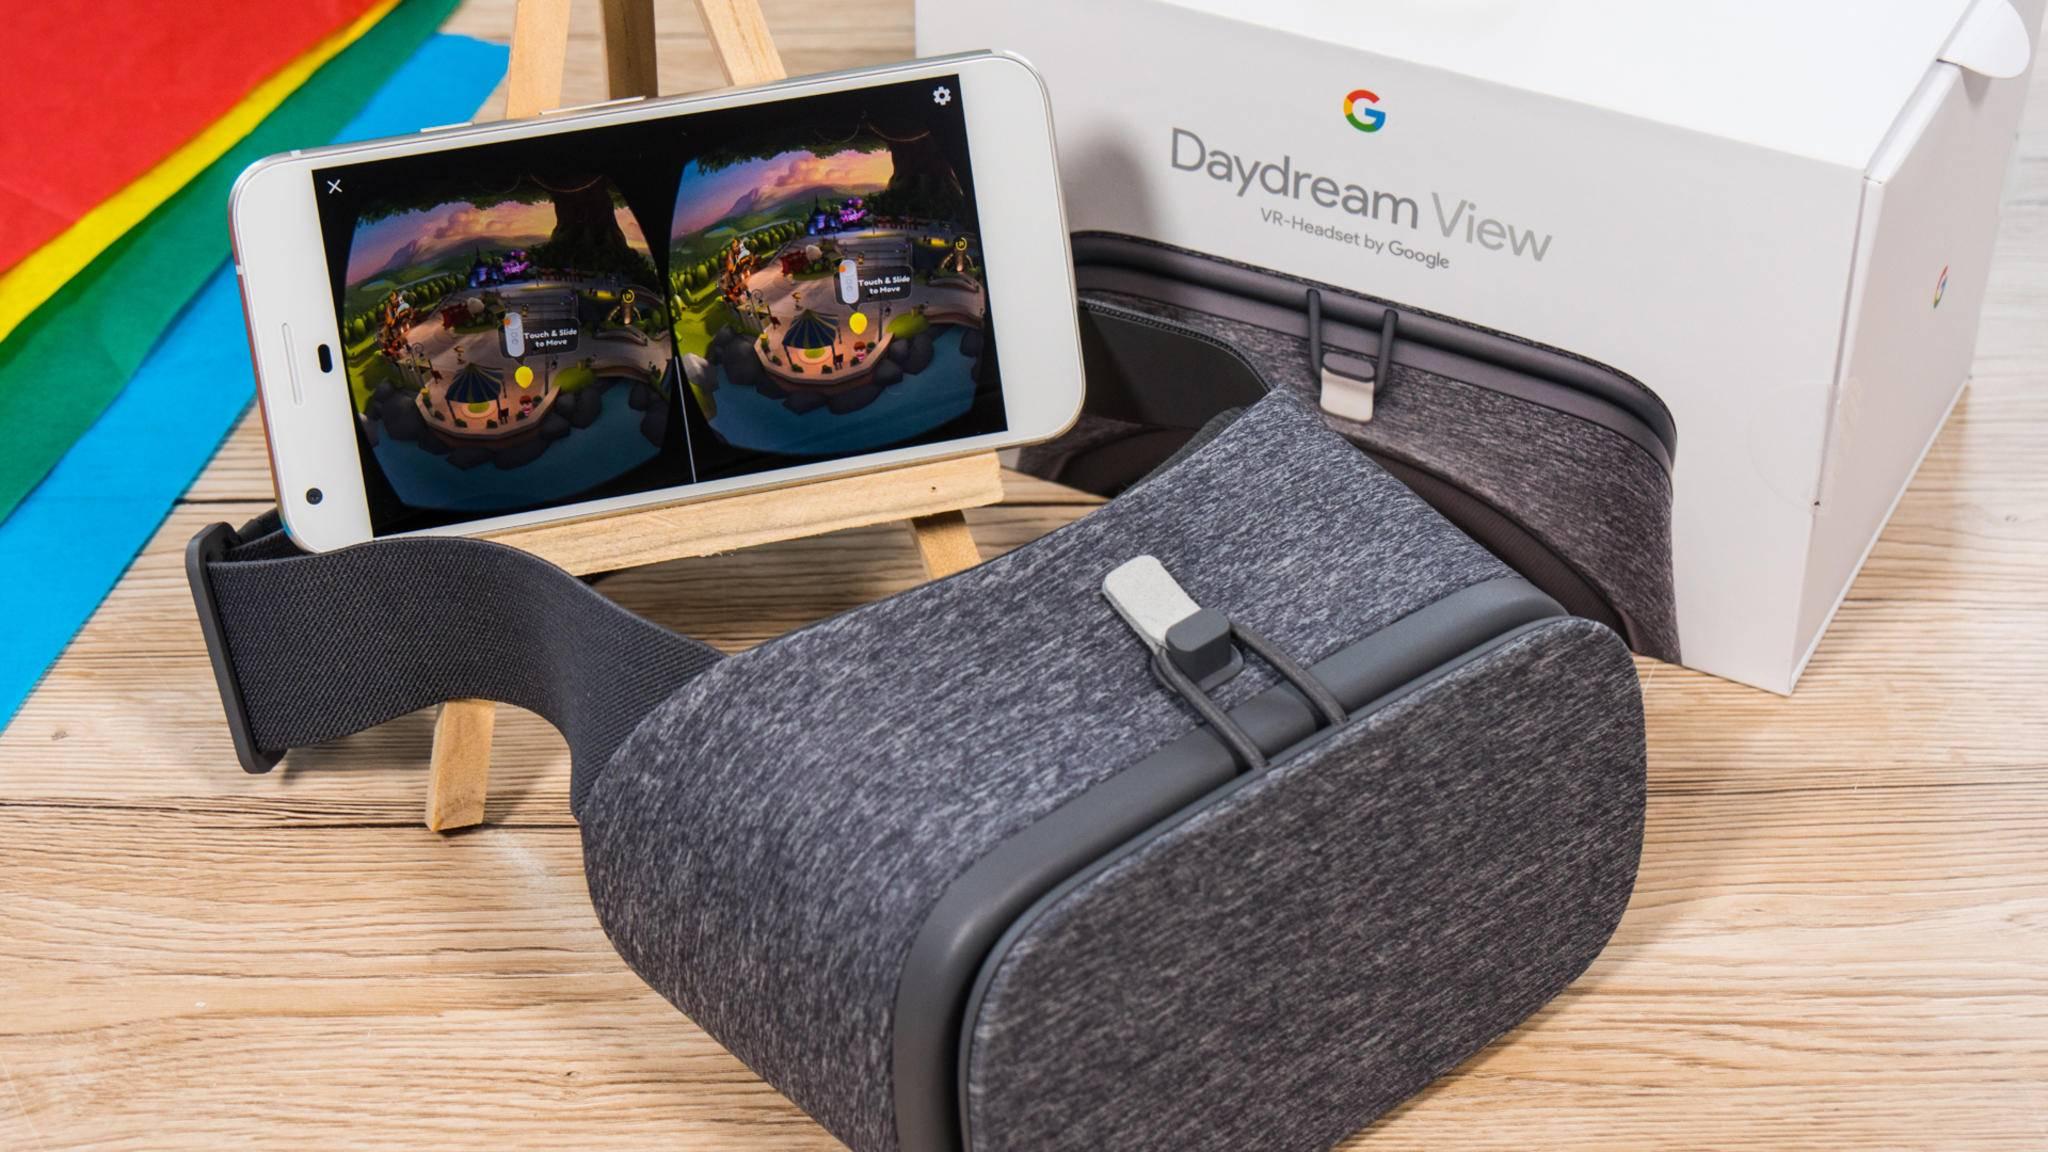 Uns hat Daydream VR gefallen, den meisten Smartphone-Herstellern leider noch nicht.